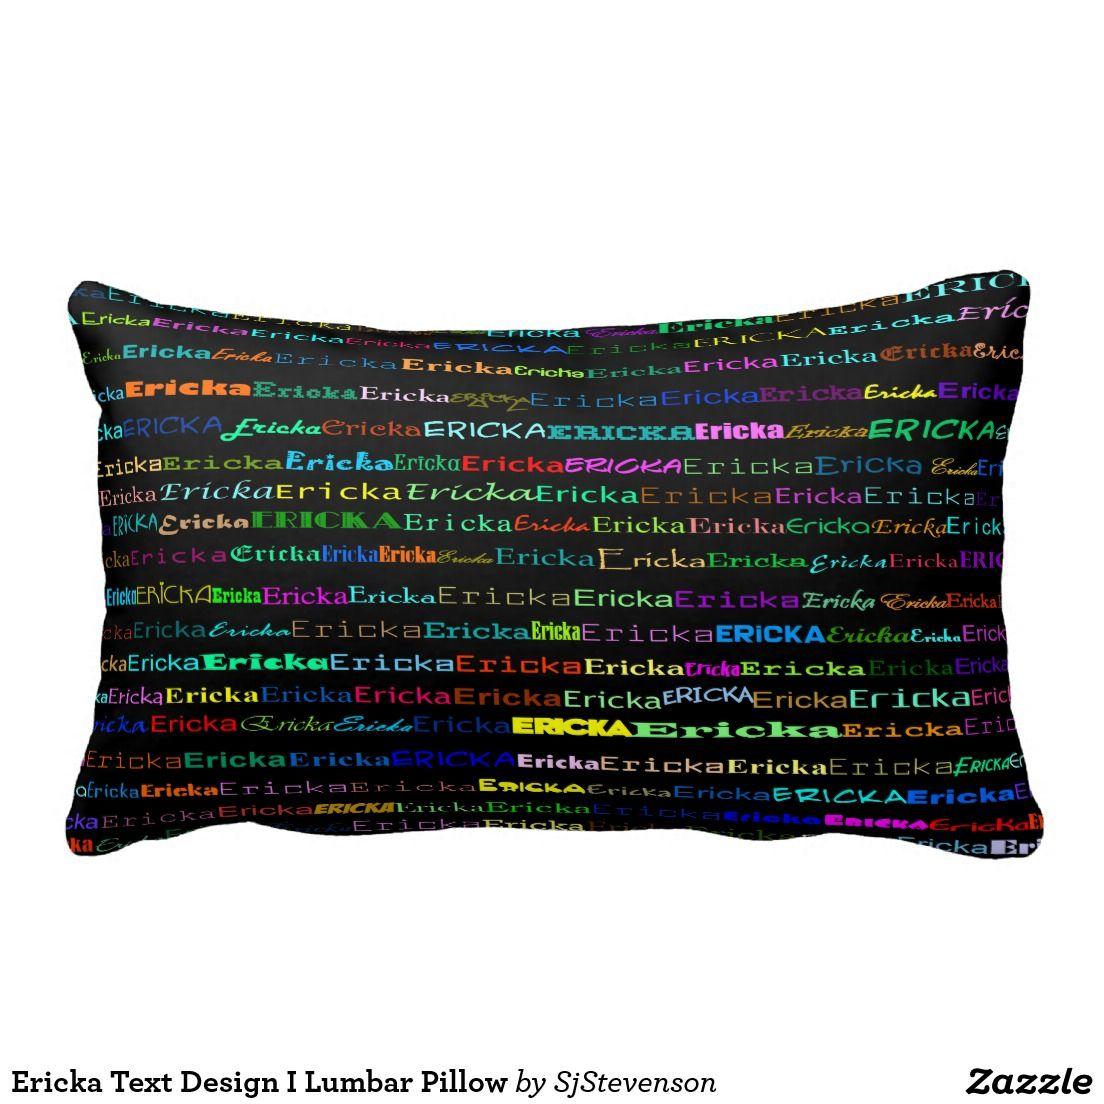 Ericka Text Design I Lumbar Pillow